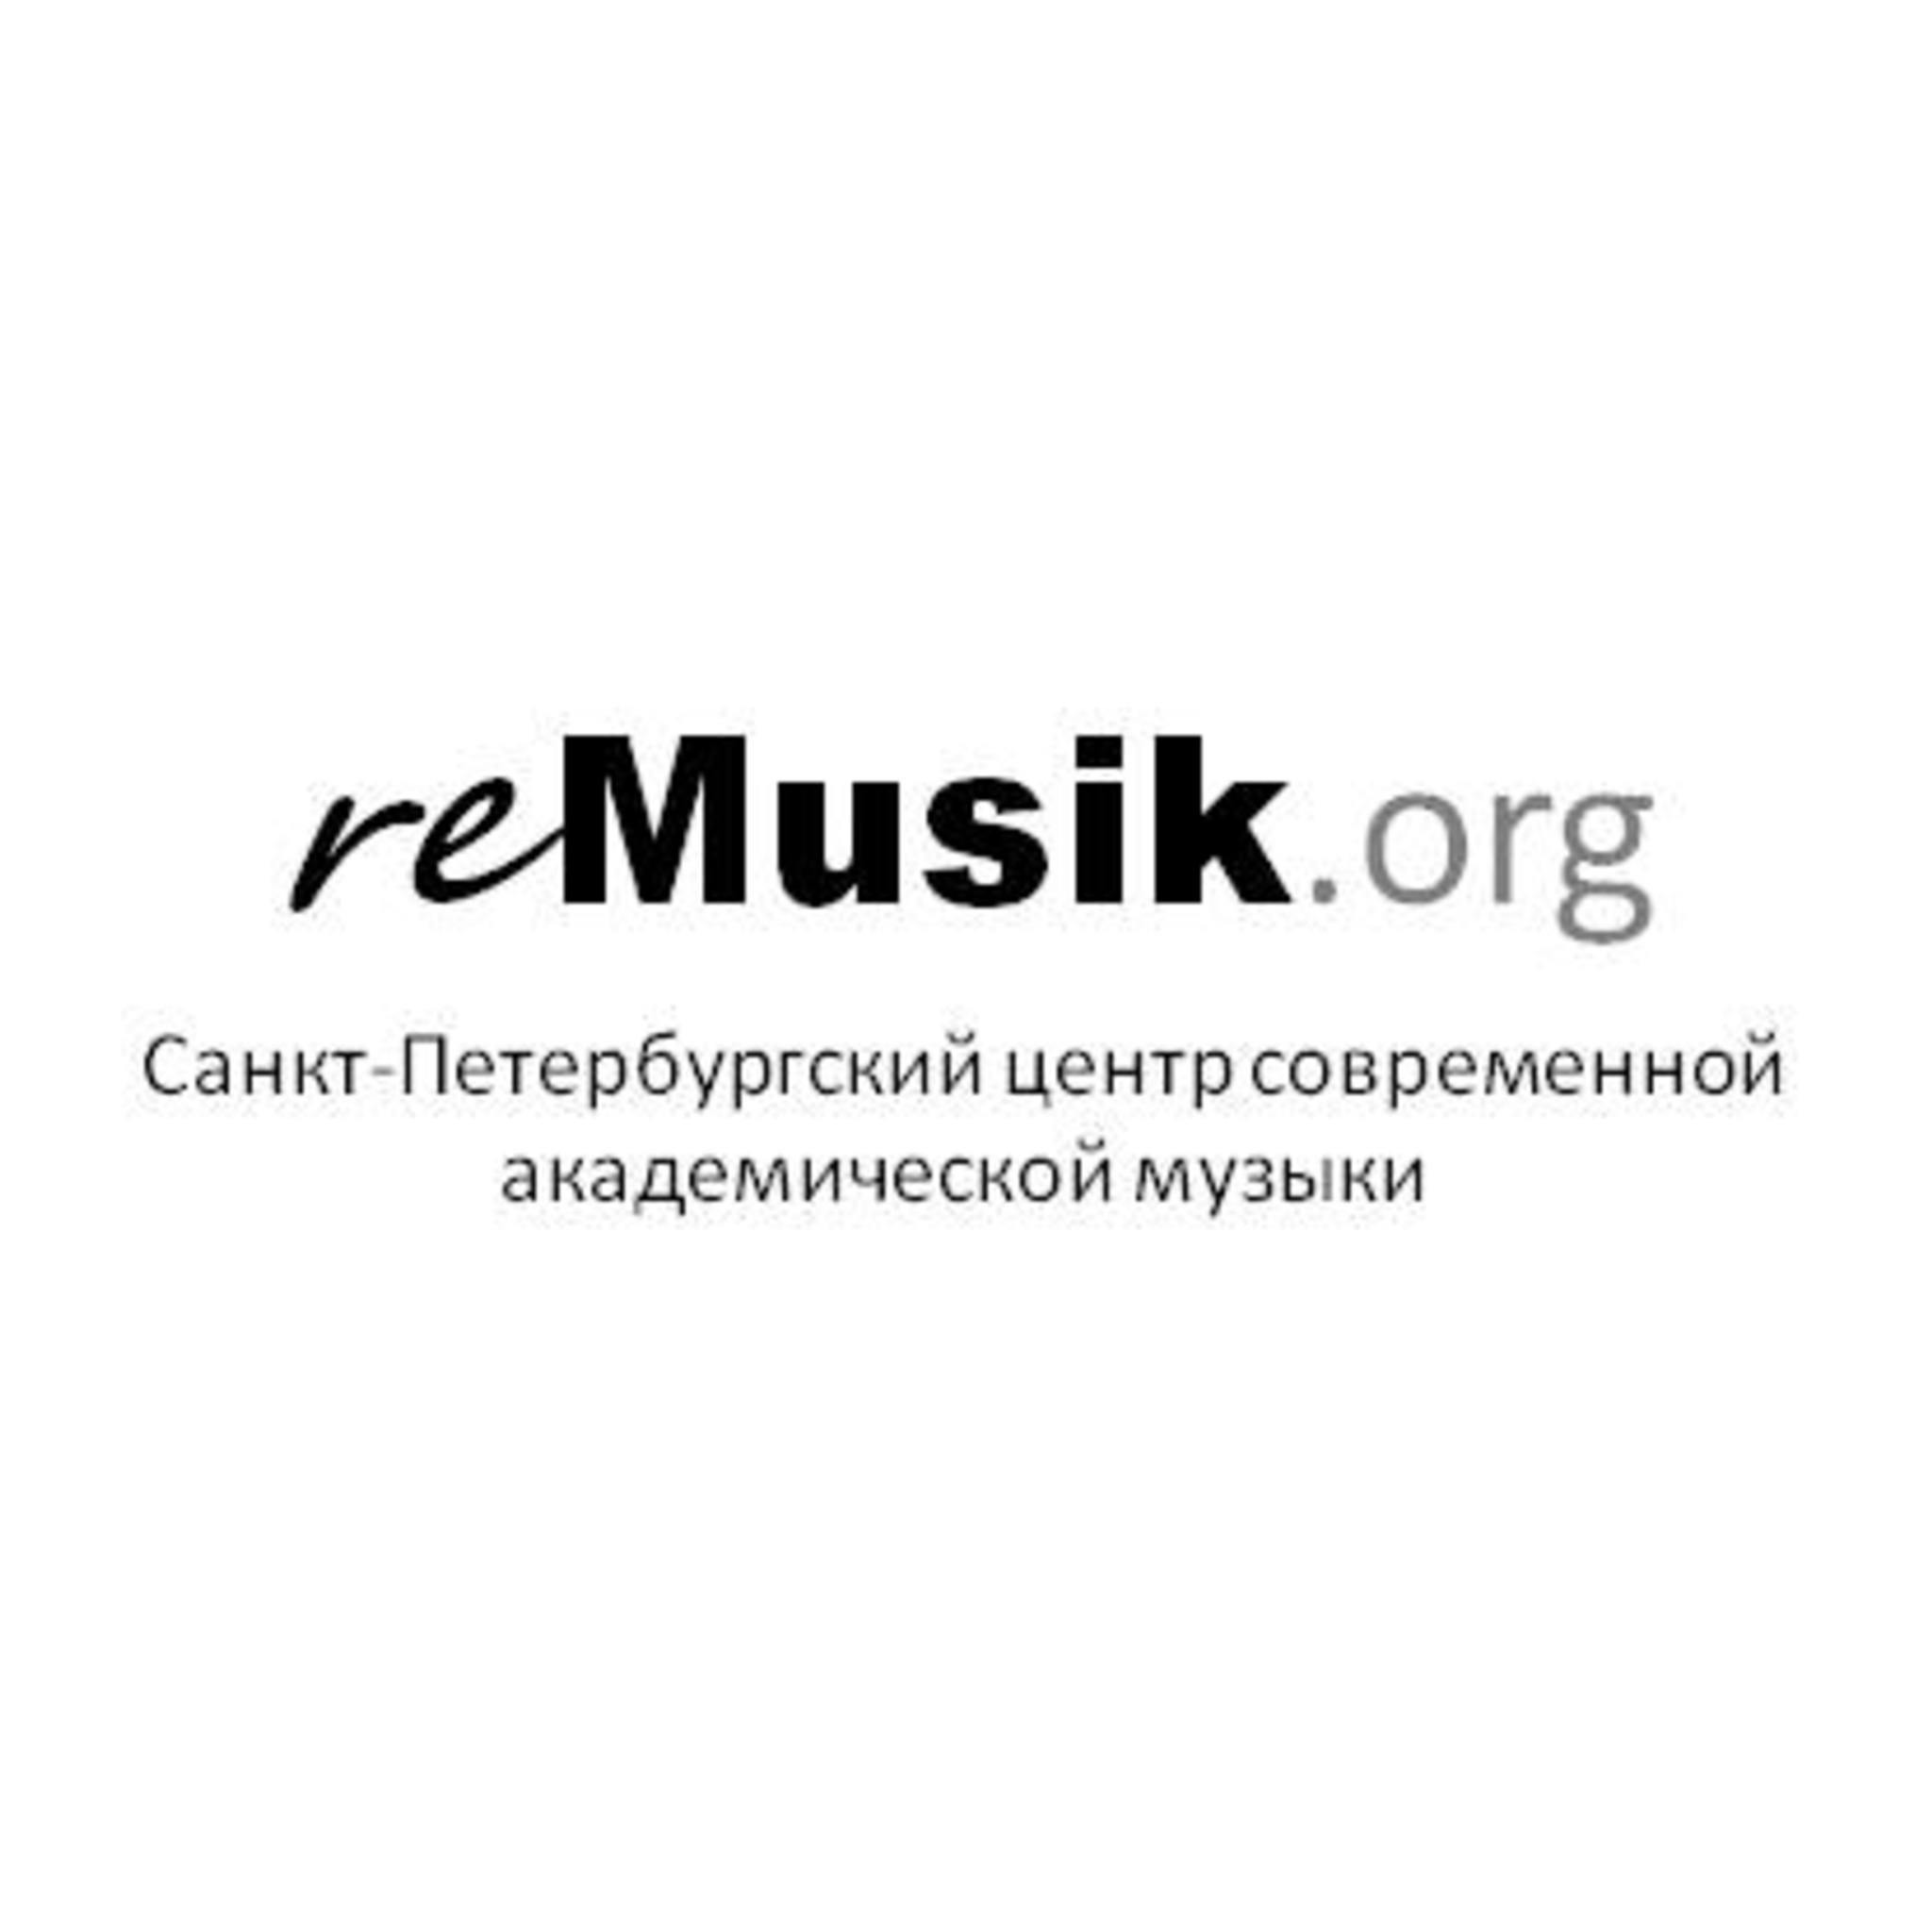 IV St. Petersburg «reMusik» International Festival of New Music